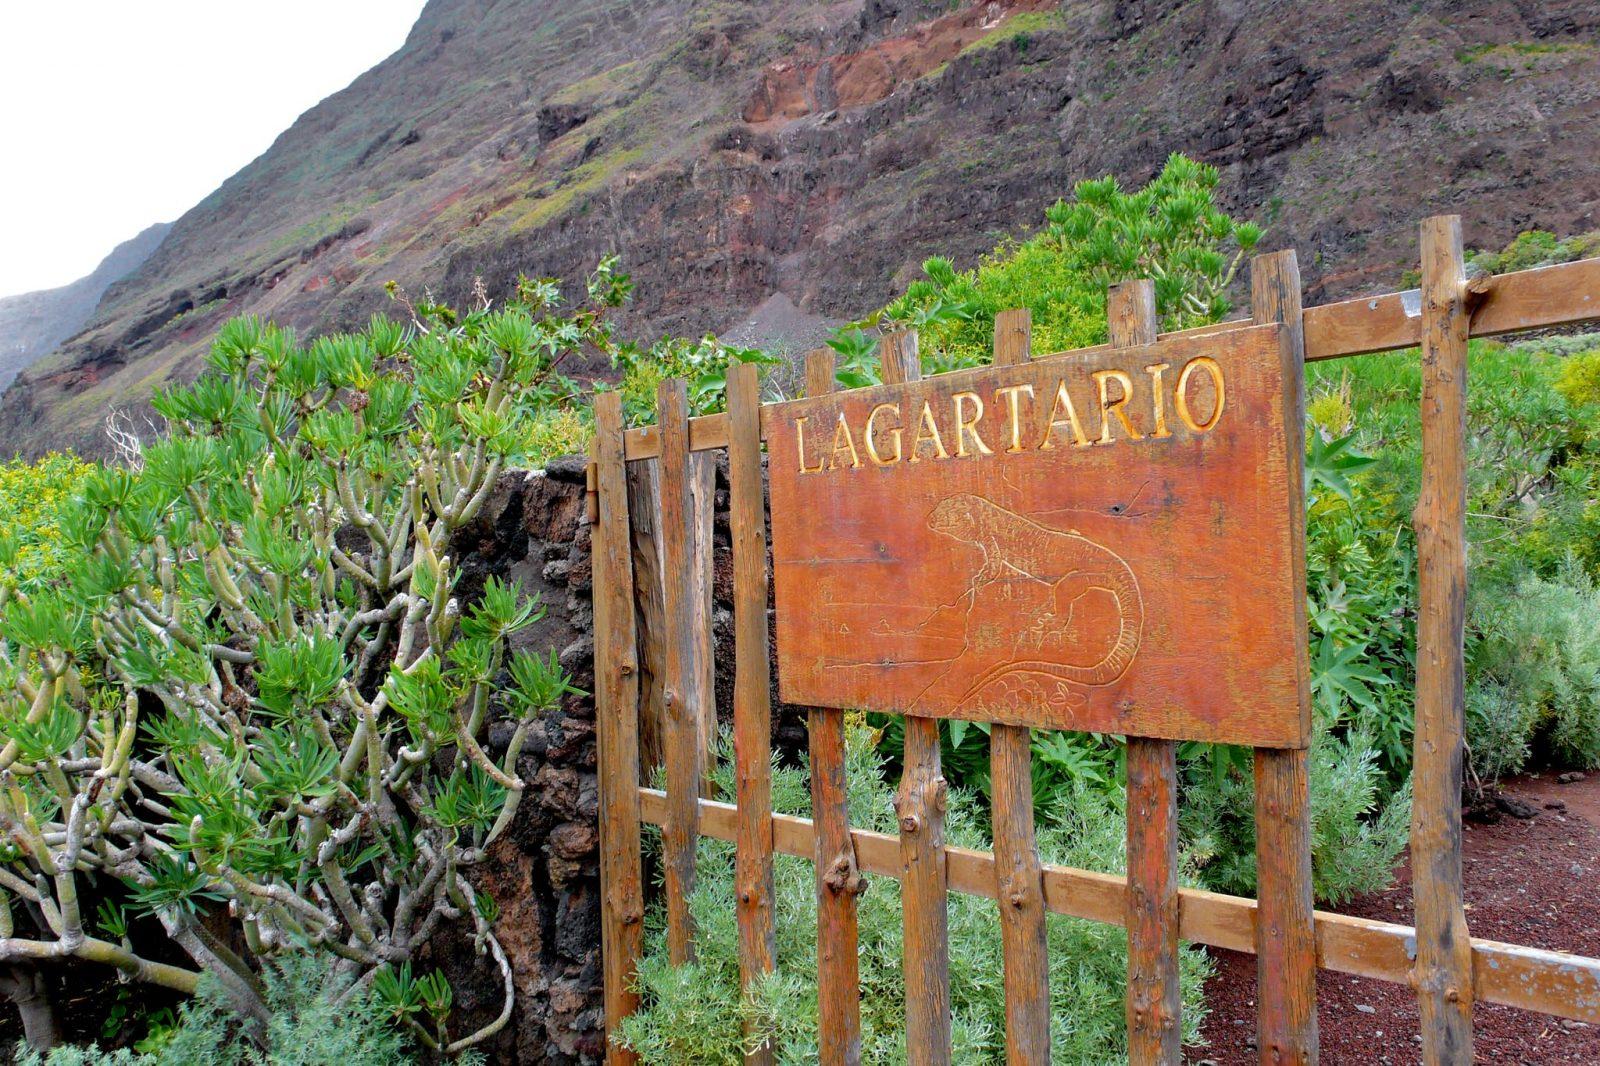 Центр восстановления популяции гигантской ящерицы Эль Йерро (фото: Jose Mesa)